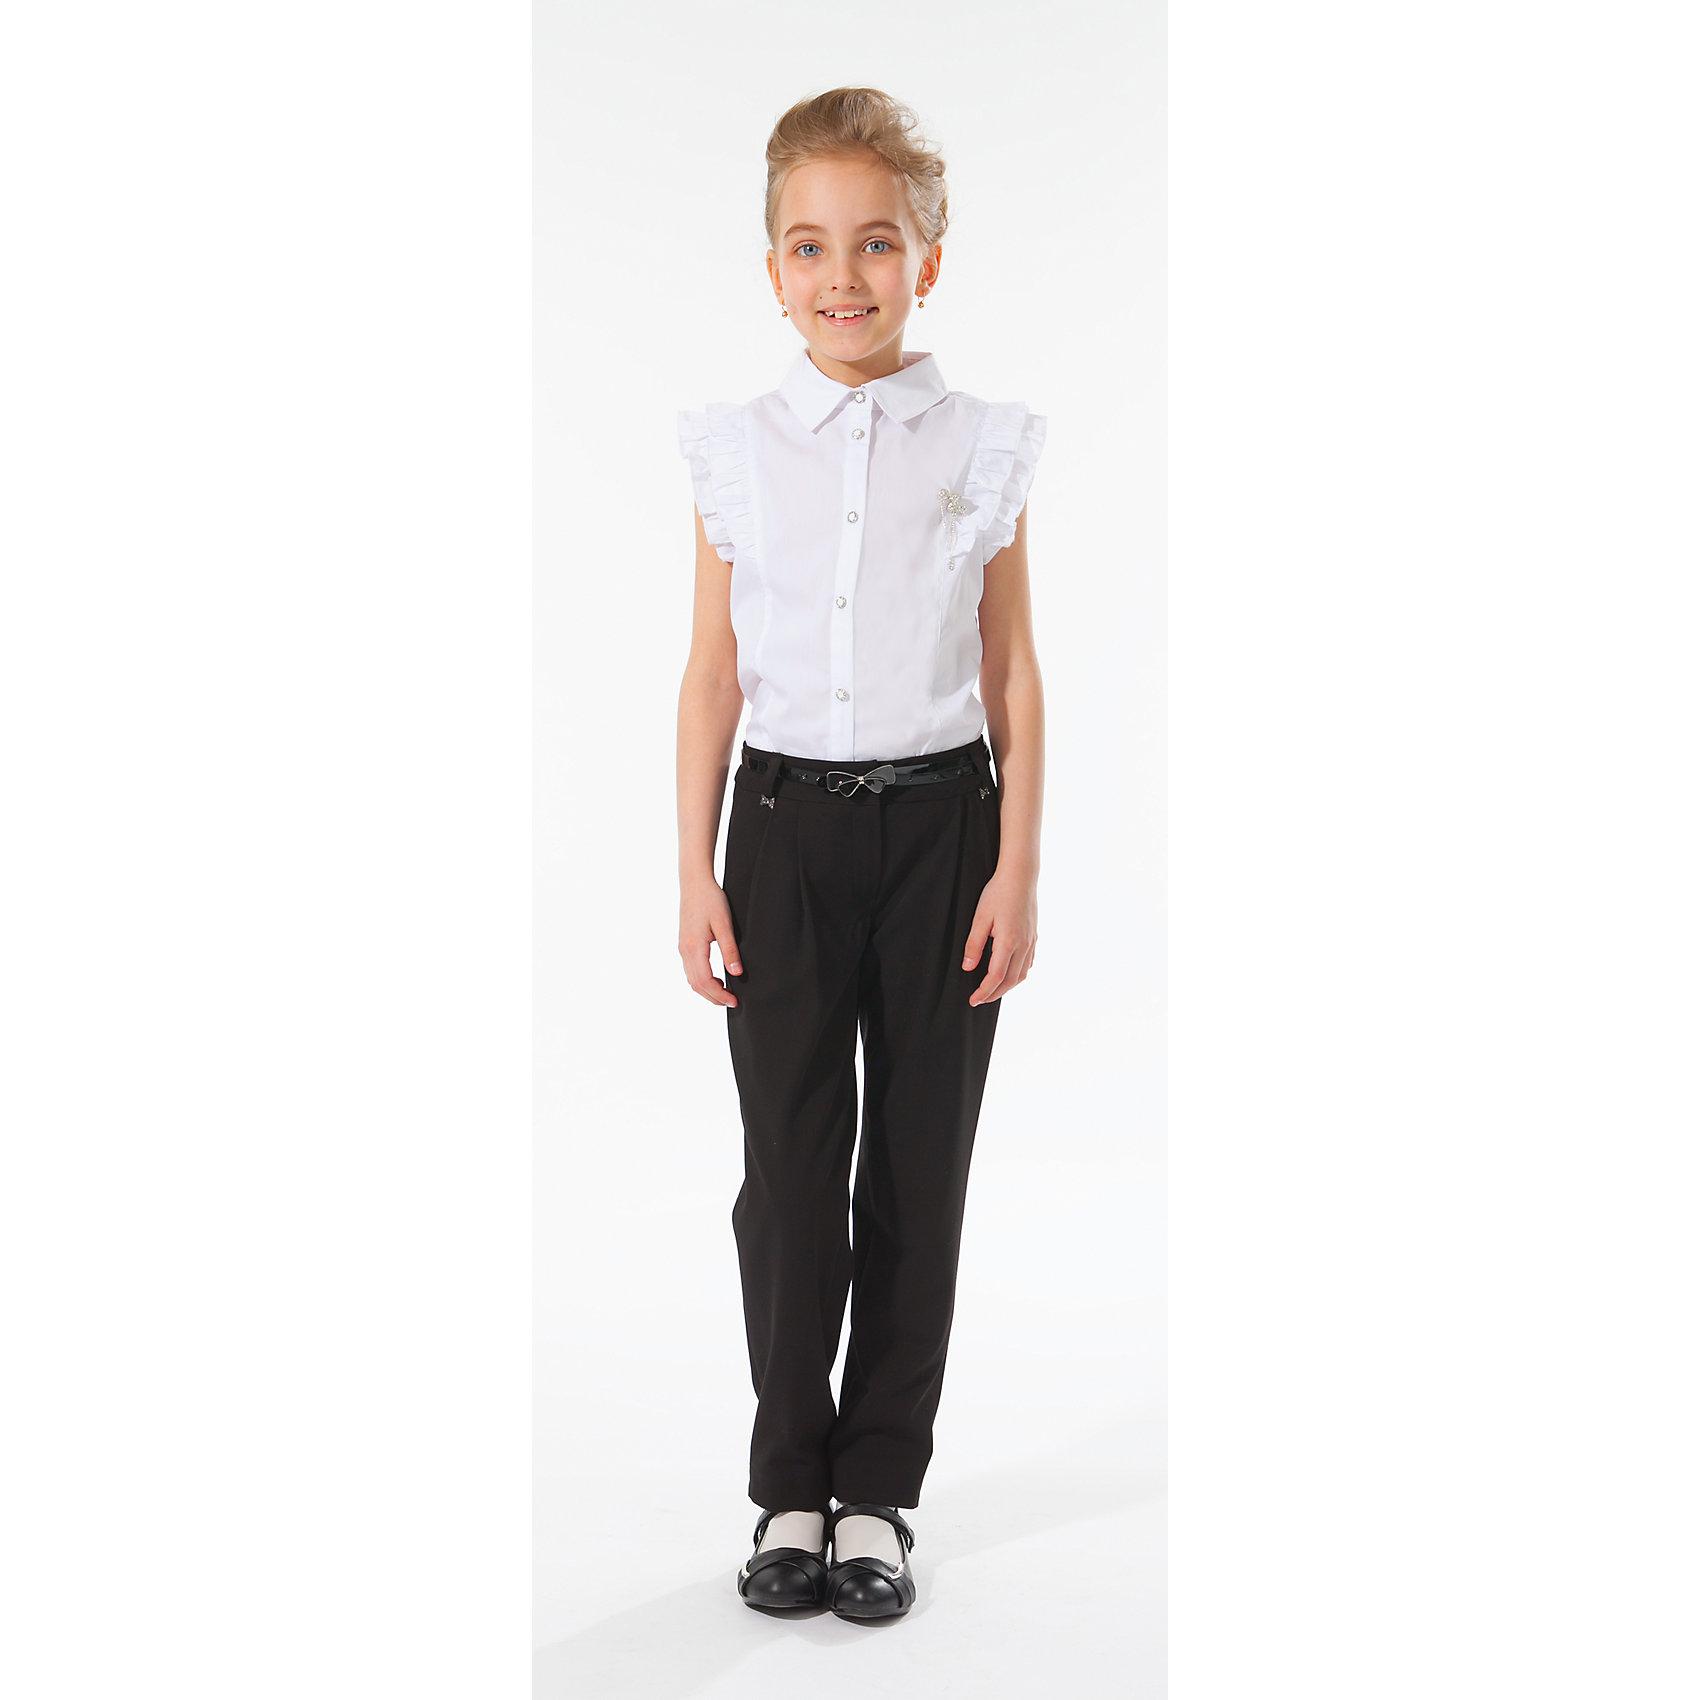 Блузка для девочки Silver SpoonБлузка для девочки Silver Spoon (Сильвер Спун) - отличный вариант для маленьких школьниц. Симпатичная модная блузка позволит создать свой оригинальный образ и чувствовать себя комфортно на протяжении всего дня занятий. Модель из хлопка очень легкая и приятная на ощупь, не раздражает кожу и позволяет ей дышать. У блузки короткие рукава, отделанные по краям нарядными оборочками, отложной воротничок, спереди застегивается на пуговицы. Классический покрой позволяет использовать блузку в различных сочетаниях - с юбкой, брюками, костюмом и другими предметами школьного гардероба. Все модели Сильвер Спун предназначены для повседневного интенсивного использования и выполнены из прочных тканей, которые позволяют вещам выглядеть великолепно на протяжении длительного срока эксплуатации. Стирка при температуре<br>30°С, гладить при температуре до 150°С.<br><br>Дополнительная информация:<br><br>- Цвет: белый.<br>- Материал: 71% хлопок, 25% полиамид, 4% спандекс.<br><br> Блузку для девочки, Silver Spoon (Сильвер Спун), можно купить в нашем интернет-магазине.<br><br>Ширина мм: 186<br>Глубина мм: 87<br>Высота мм: 198<br>Вес г: 197<br>Цвет: белый<br>Возраст от месяцев: 108<br>Возраст до месяцев: 120<br>Пол: Женский<br>Возраст: Детский<br>Размер: 140,128,158,152,164,146,134<br>SKU: 4145927